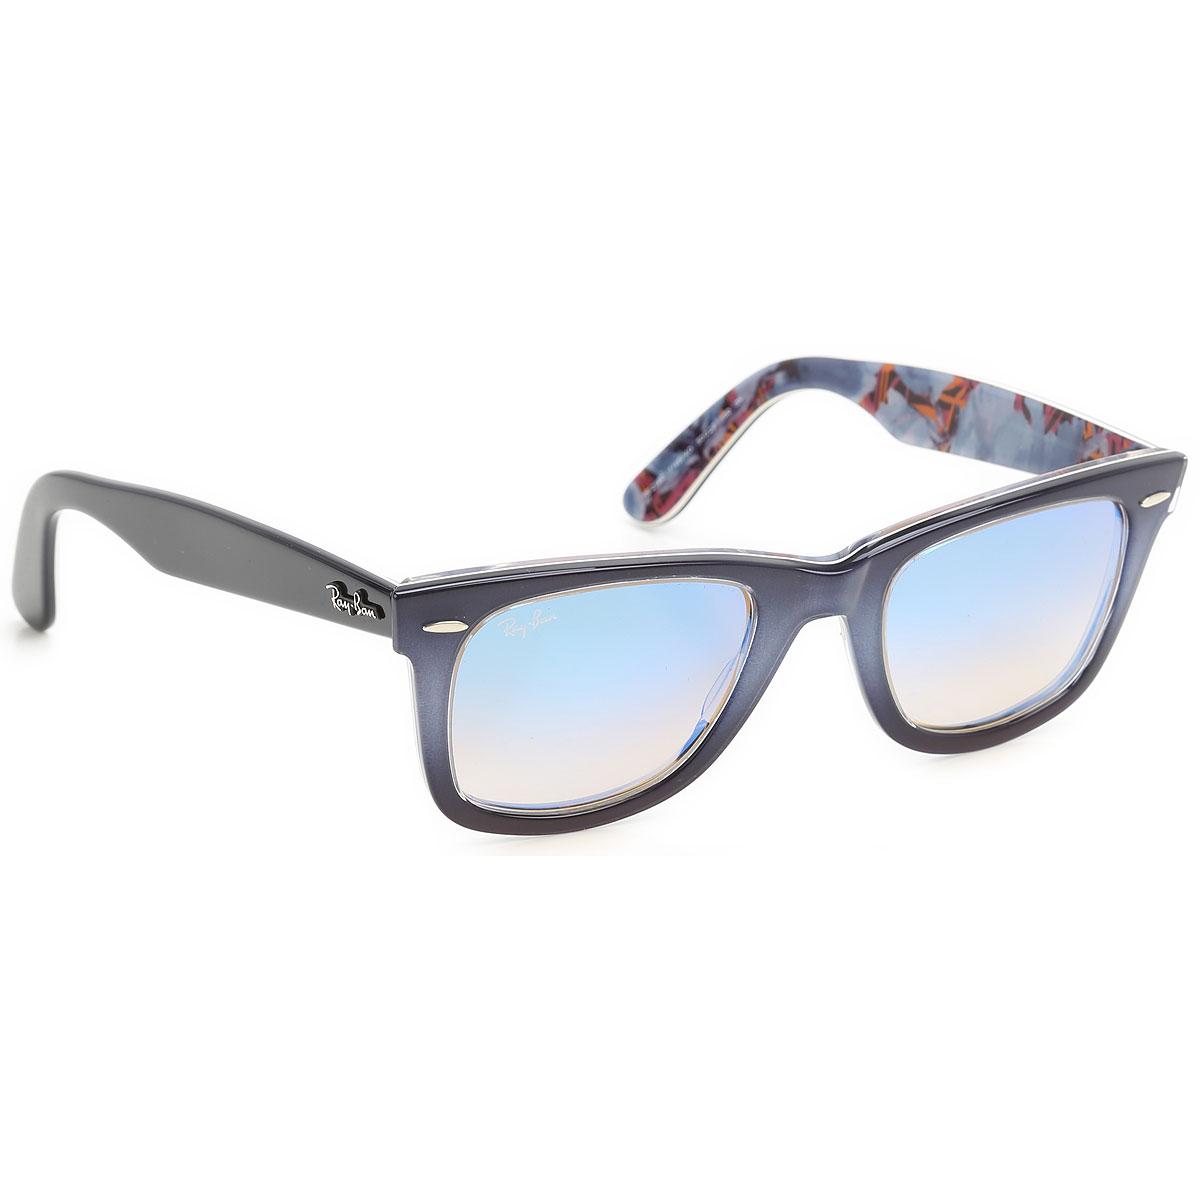 Ray Ban Sunglasses On Sale, 2017 USA-363254